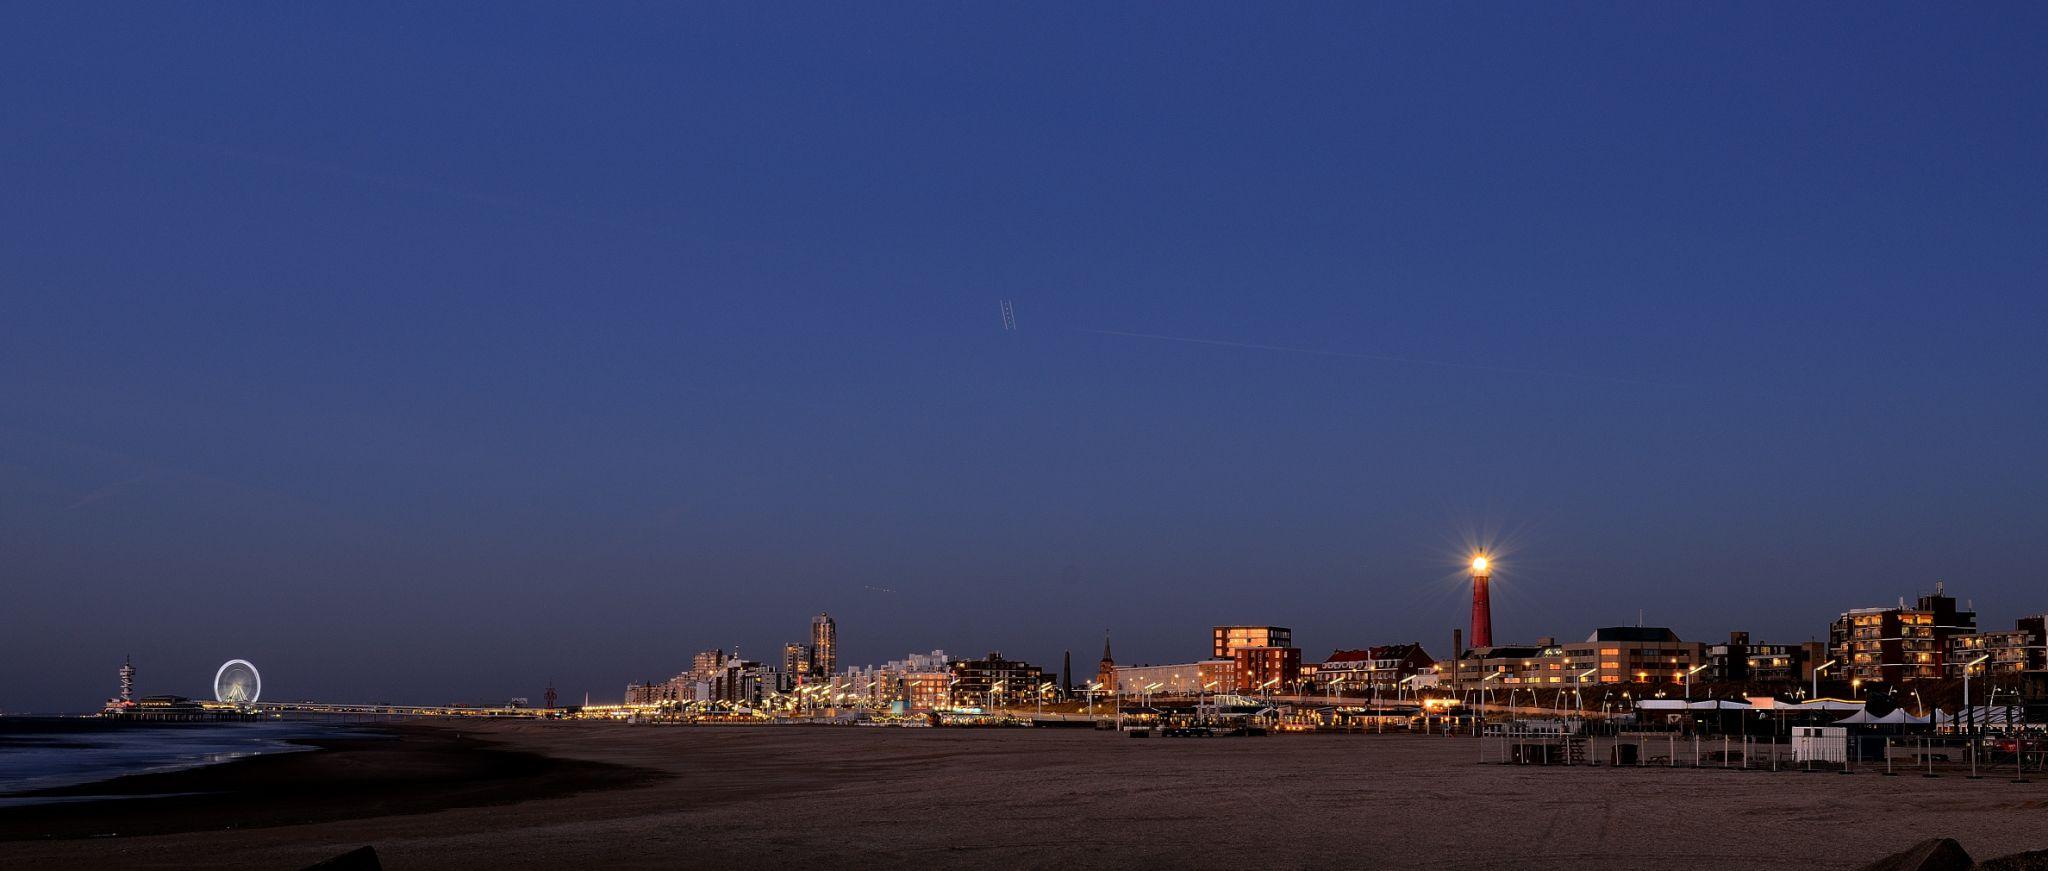 View on the coastline of Scheveningen, Netherlands